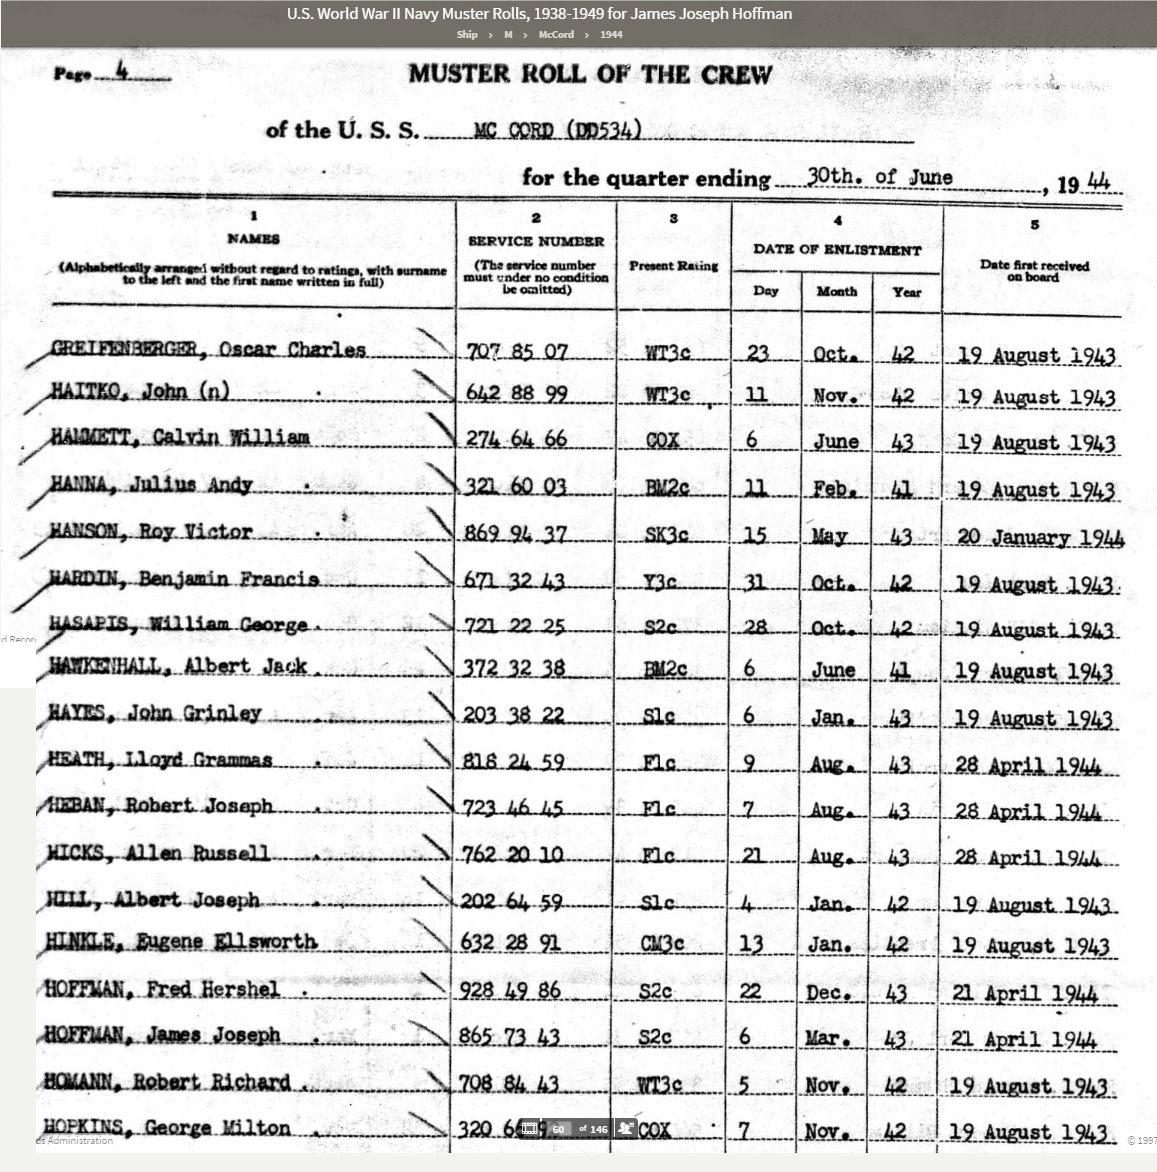 JJ Hoffman Muster Roll JUN 1944.jpg